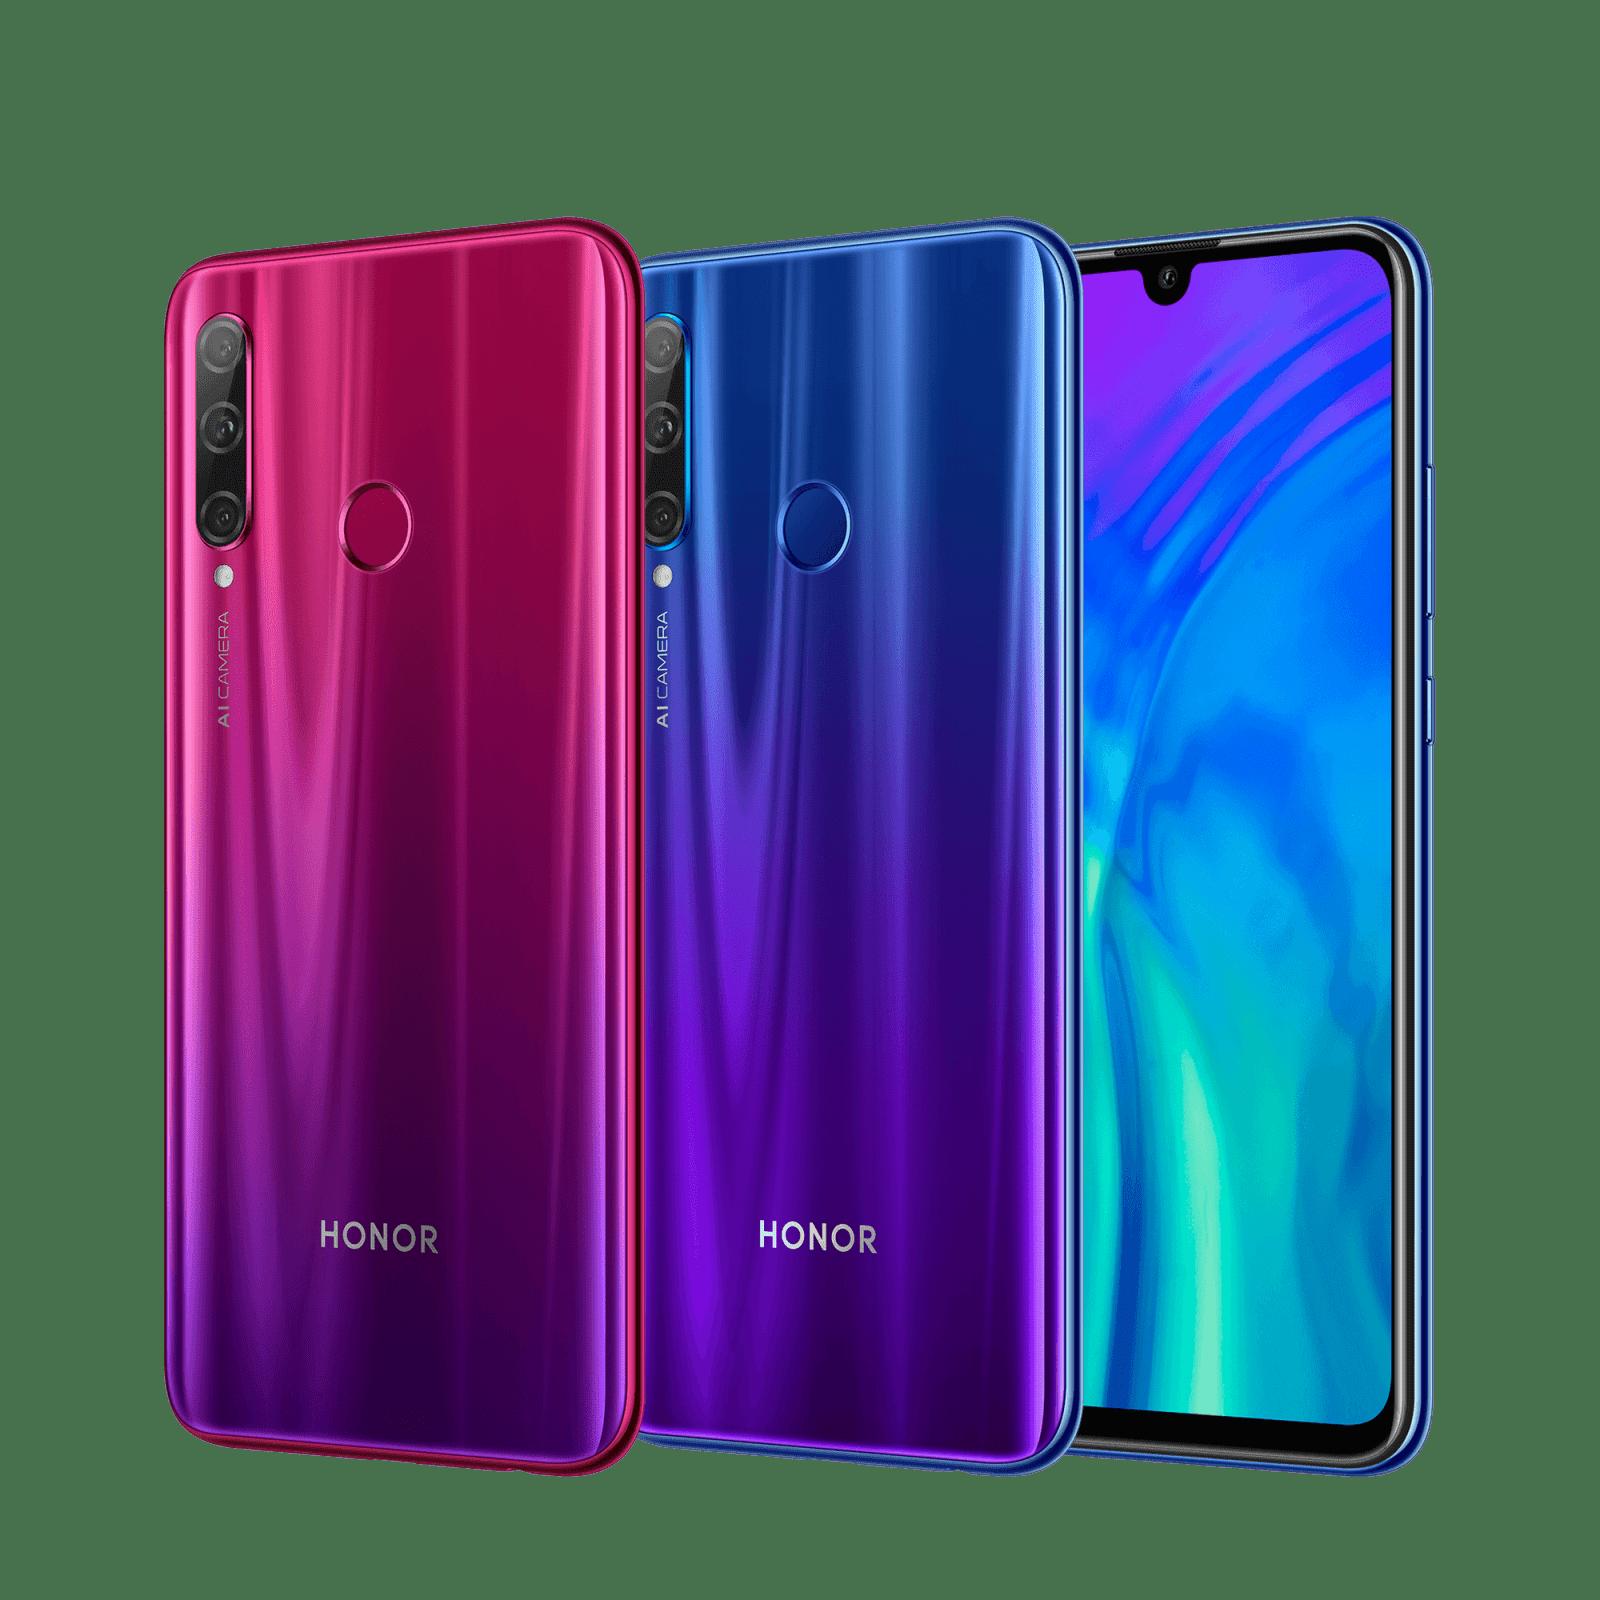 Доступный смартфон Honor 20 Lite поступил в продажу в России (2020 02 05 15 18 38)